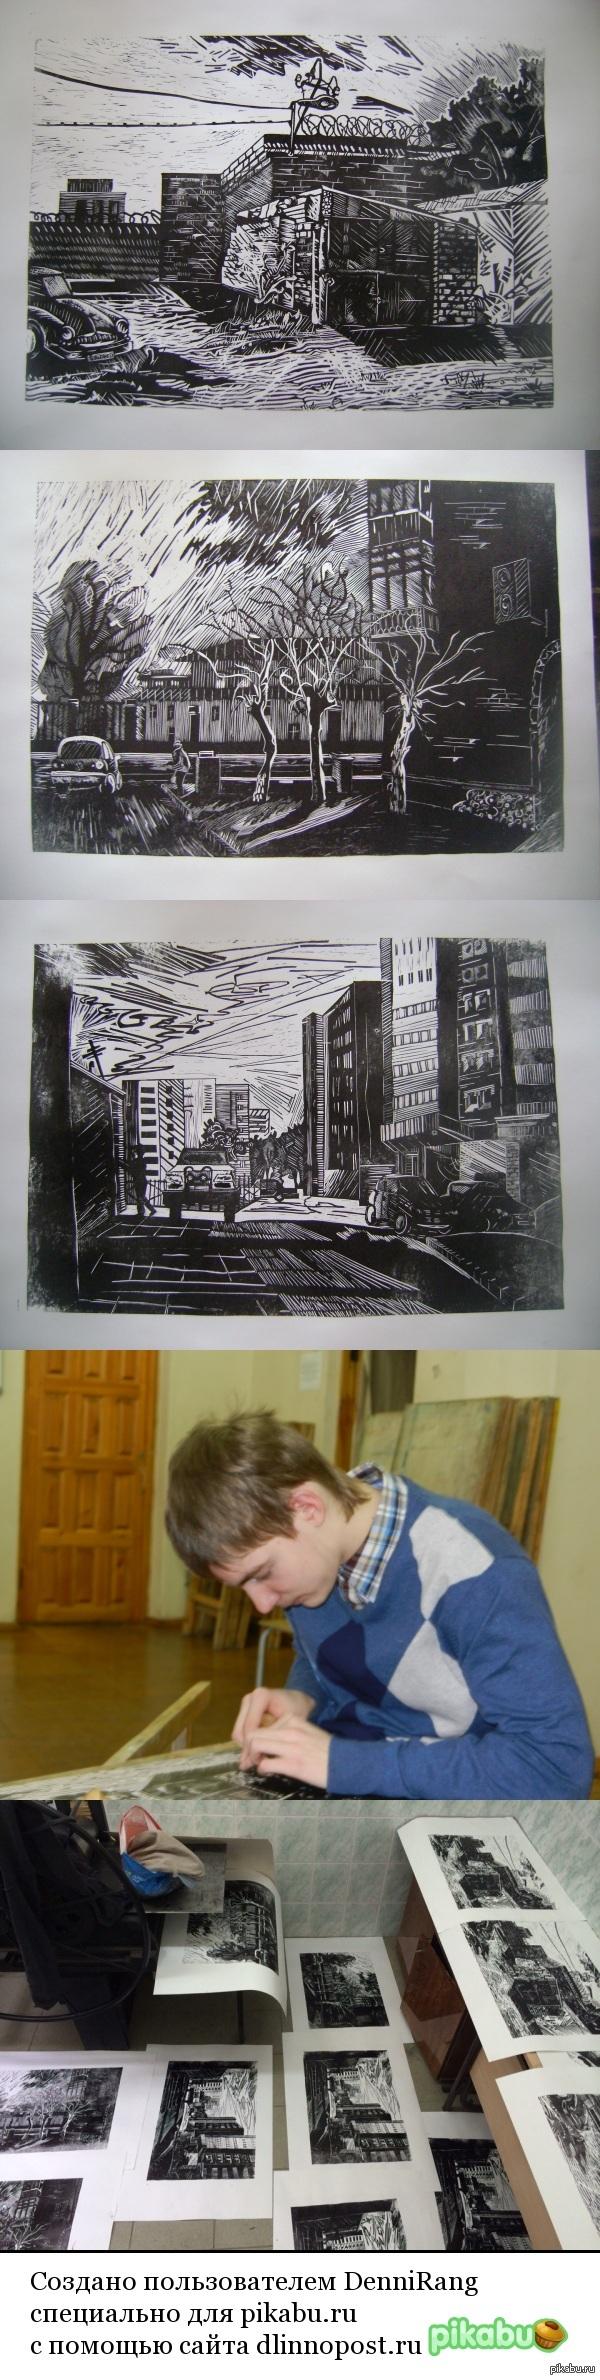 Хочу познакомить вас с интересным видом графического искусства  Хочу познакомить вас с интересным видом графического искусства линогравюрой Моя дипломная работа в художке